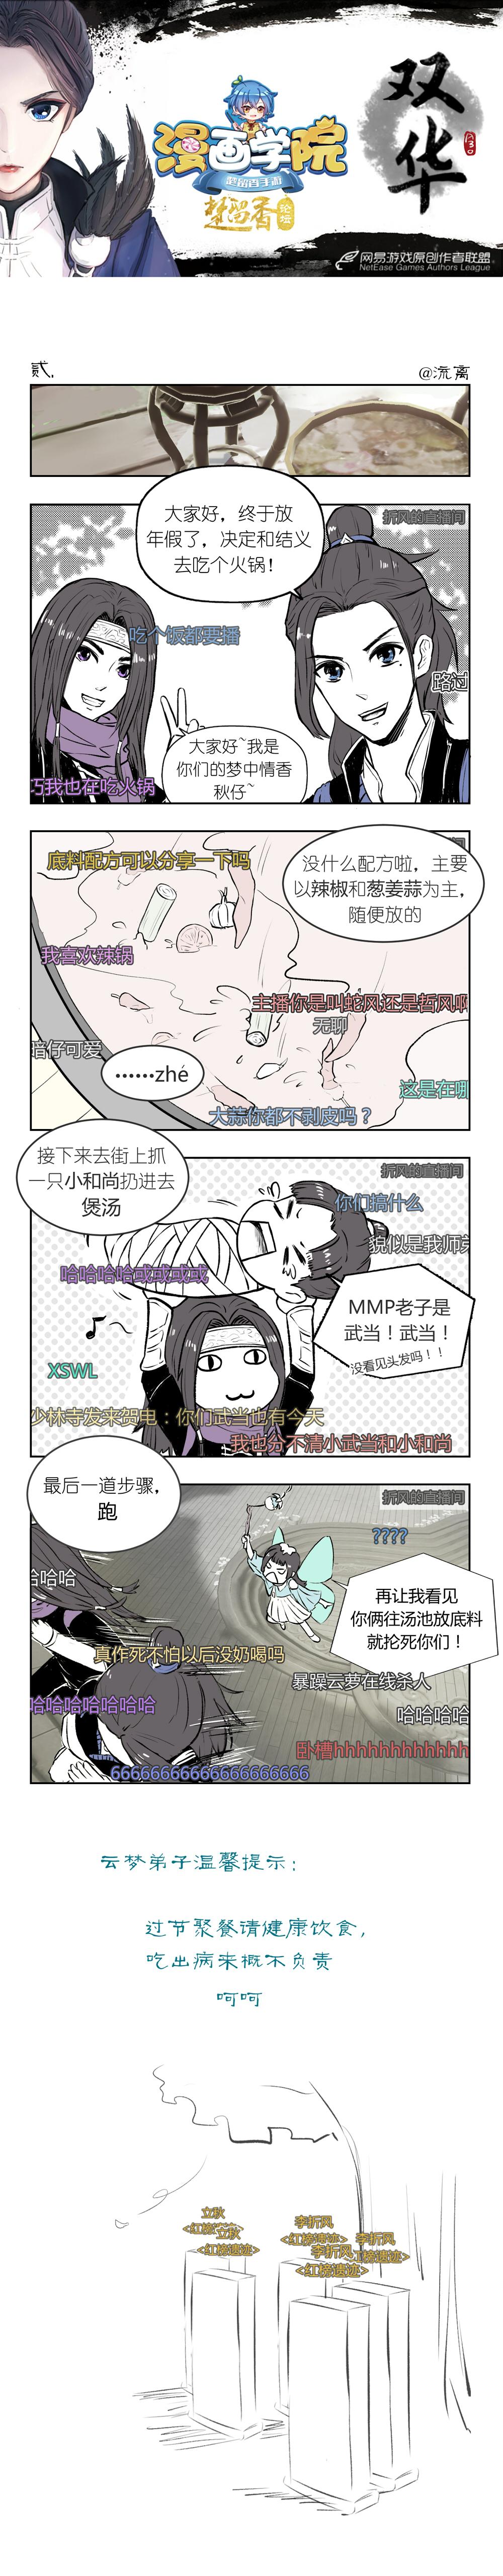 【原创作者联盟】【漫画学院】[双华2]一起来吃火锅呀!